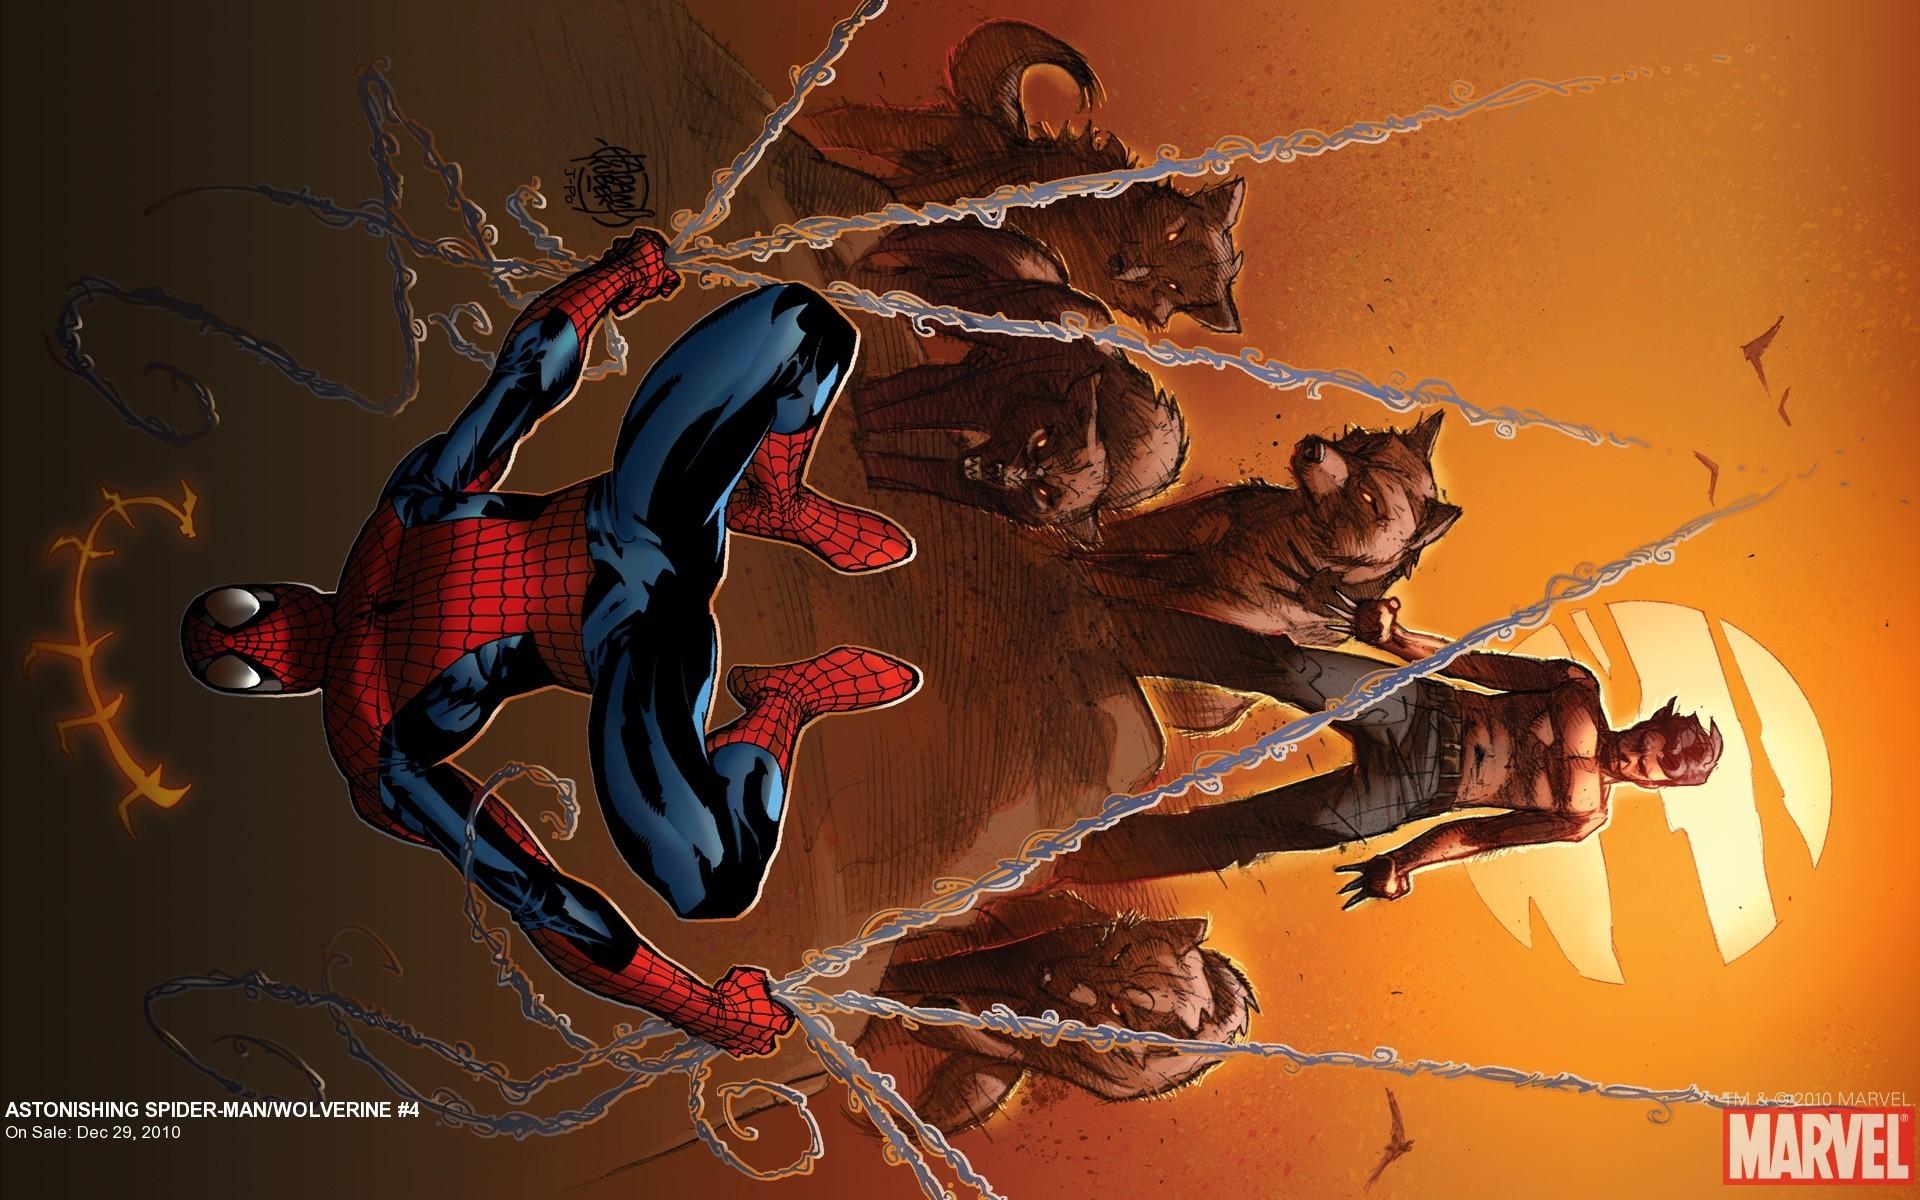 Res: 1920x1200, Astonishing Spider-Man/Wolverine #4